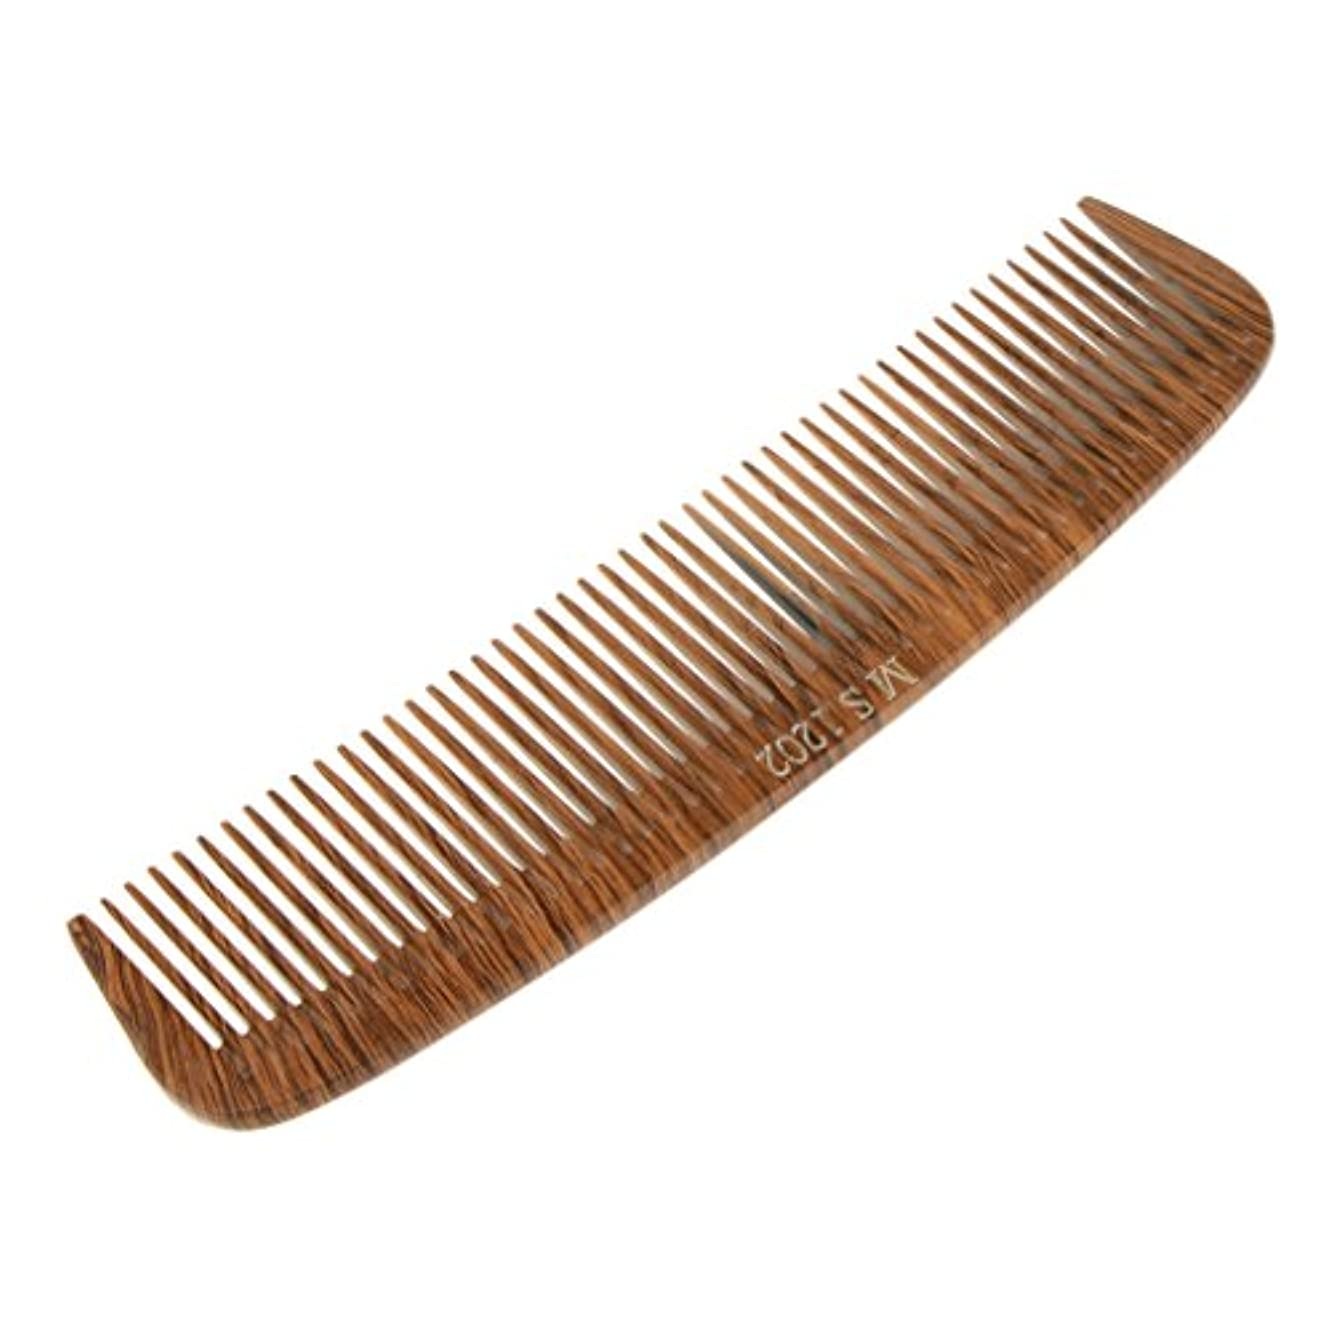 マニア場所気絶させるヘアコーム ヘアブラシ 帯電防止 ウッド サロン 理髪師 ヘアカット ヘアスタイル ヘアケア 4タイプ選べる - 1202